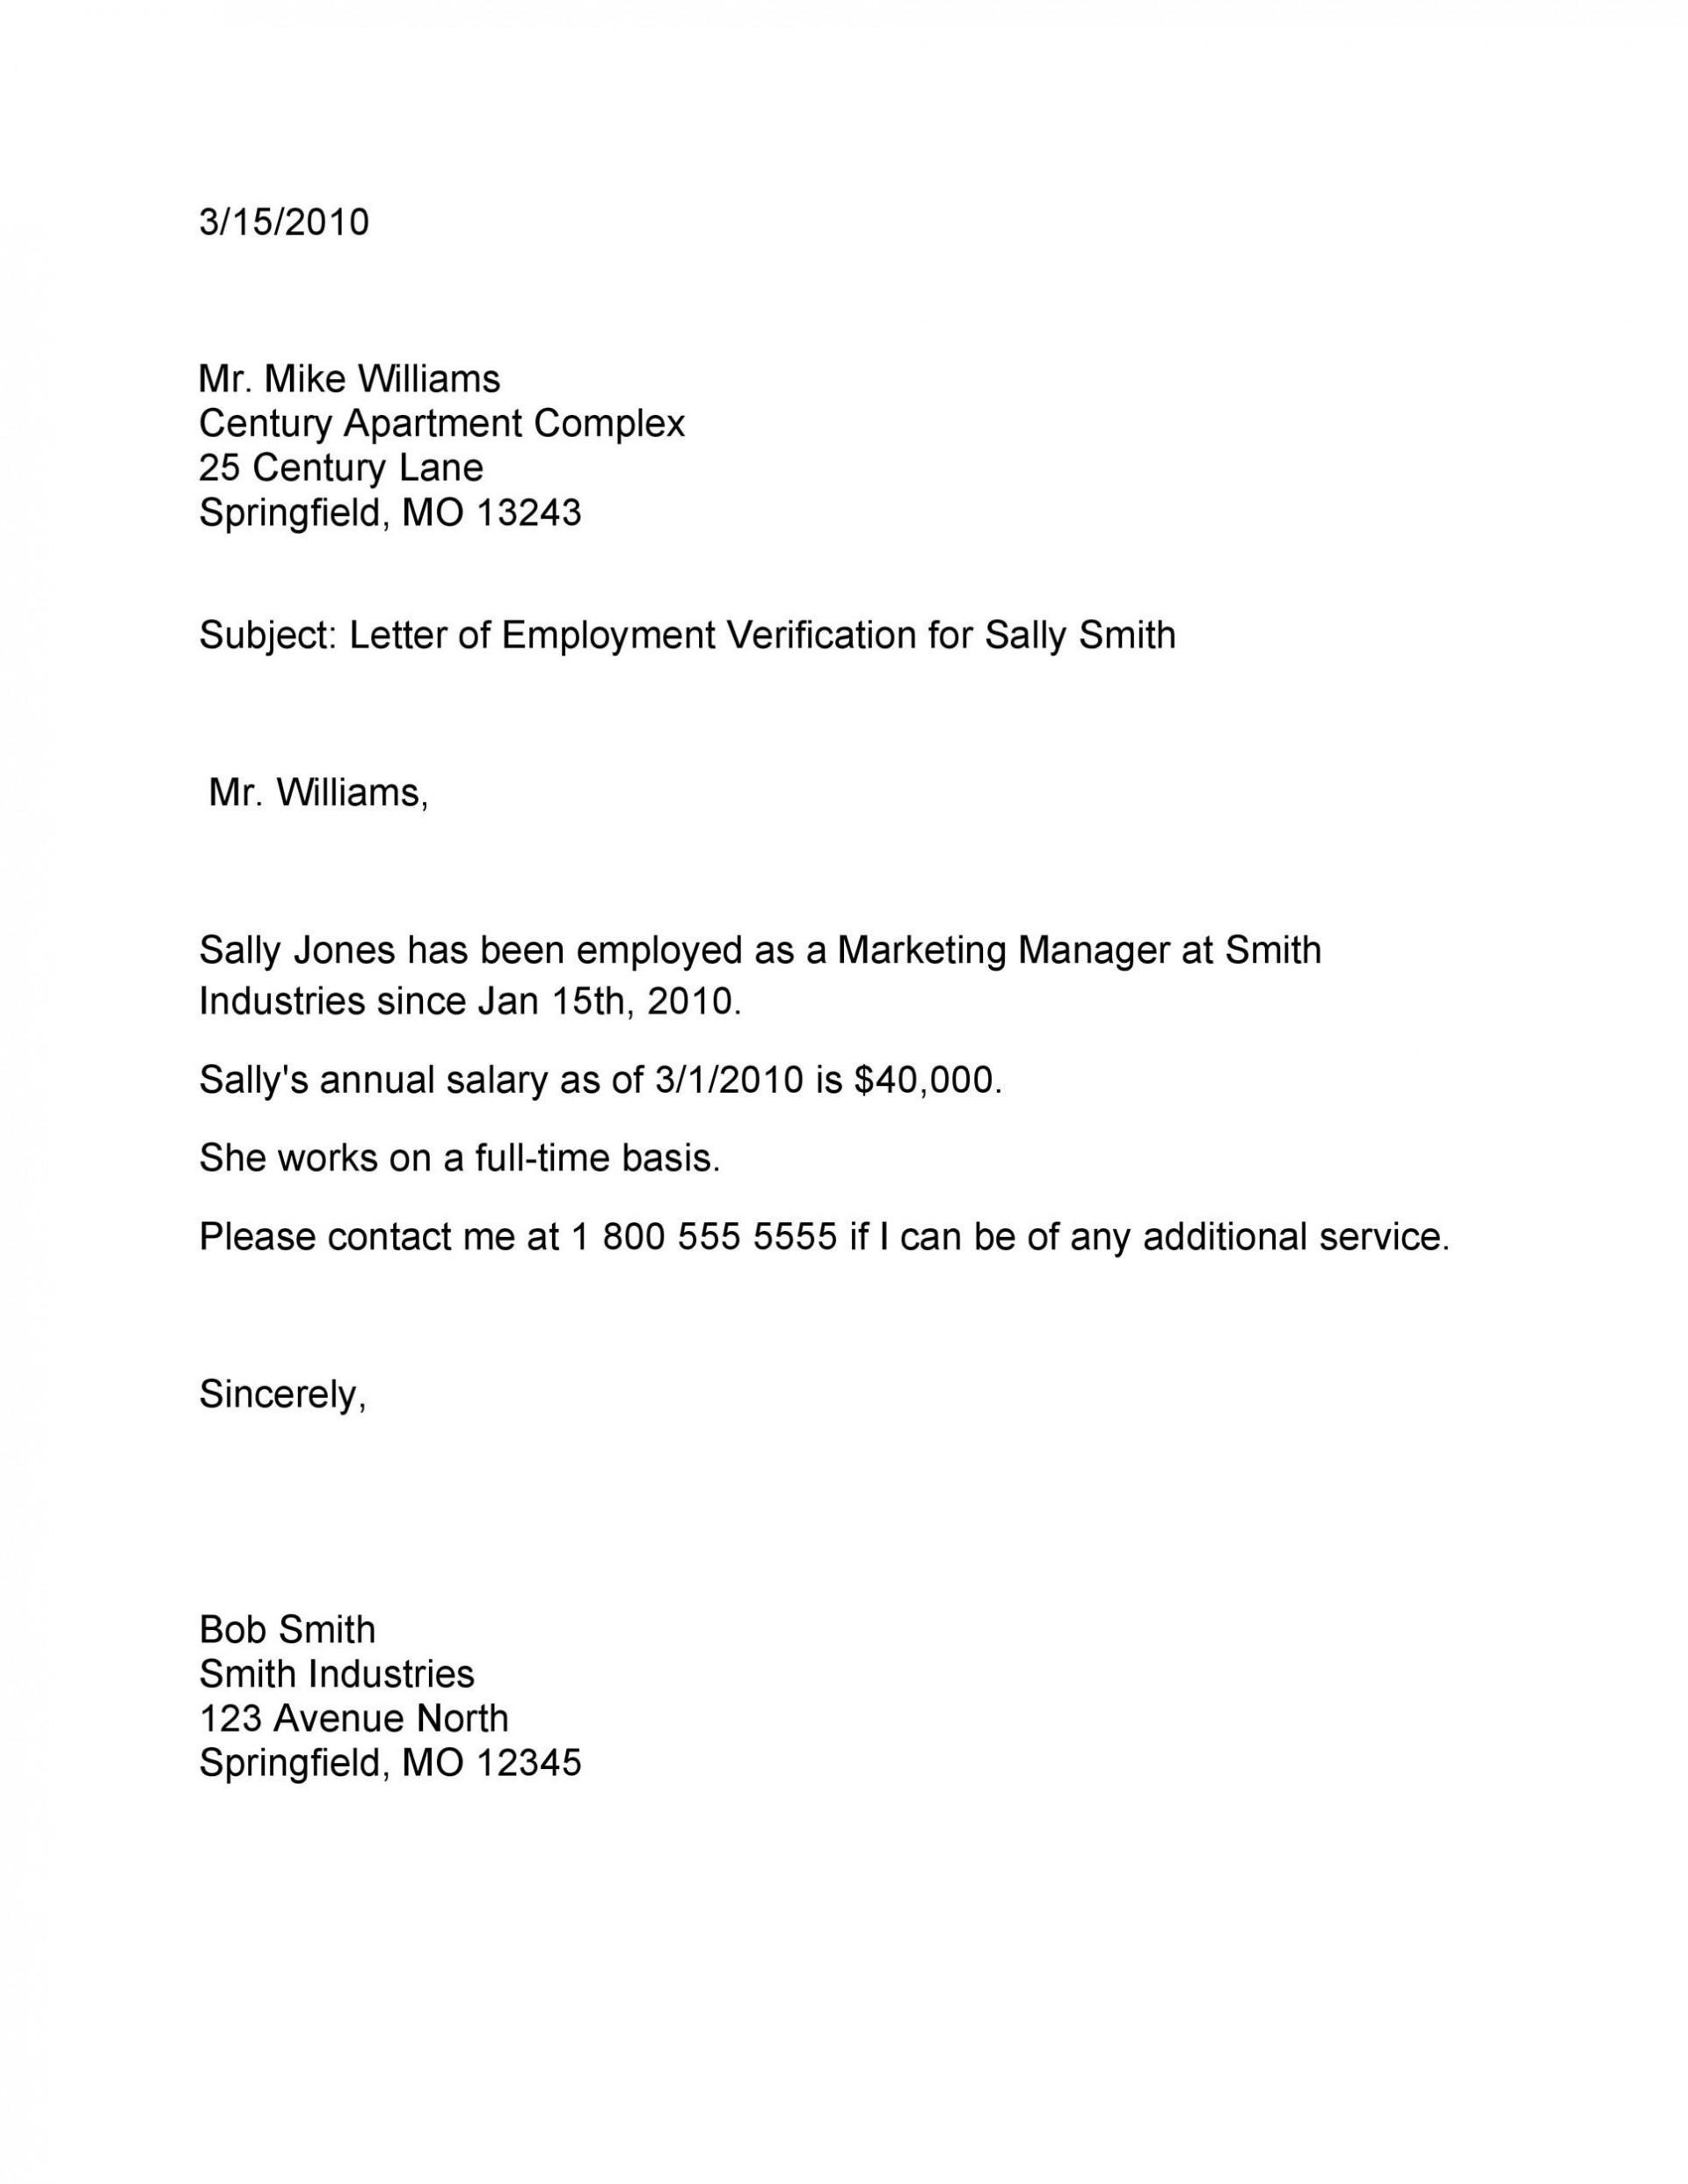 004 Surprising Employment Verification Form Template Idea  Templates Previou Past Printable1920